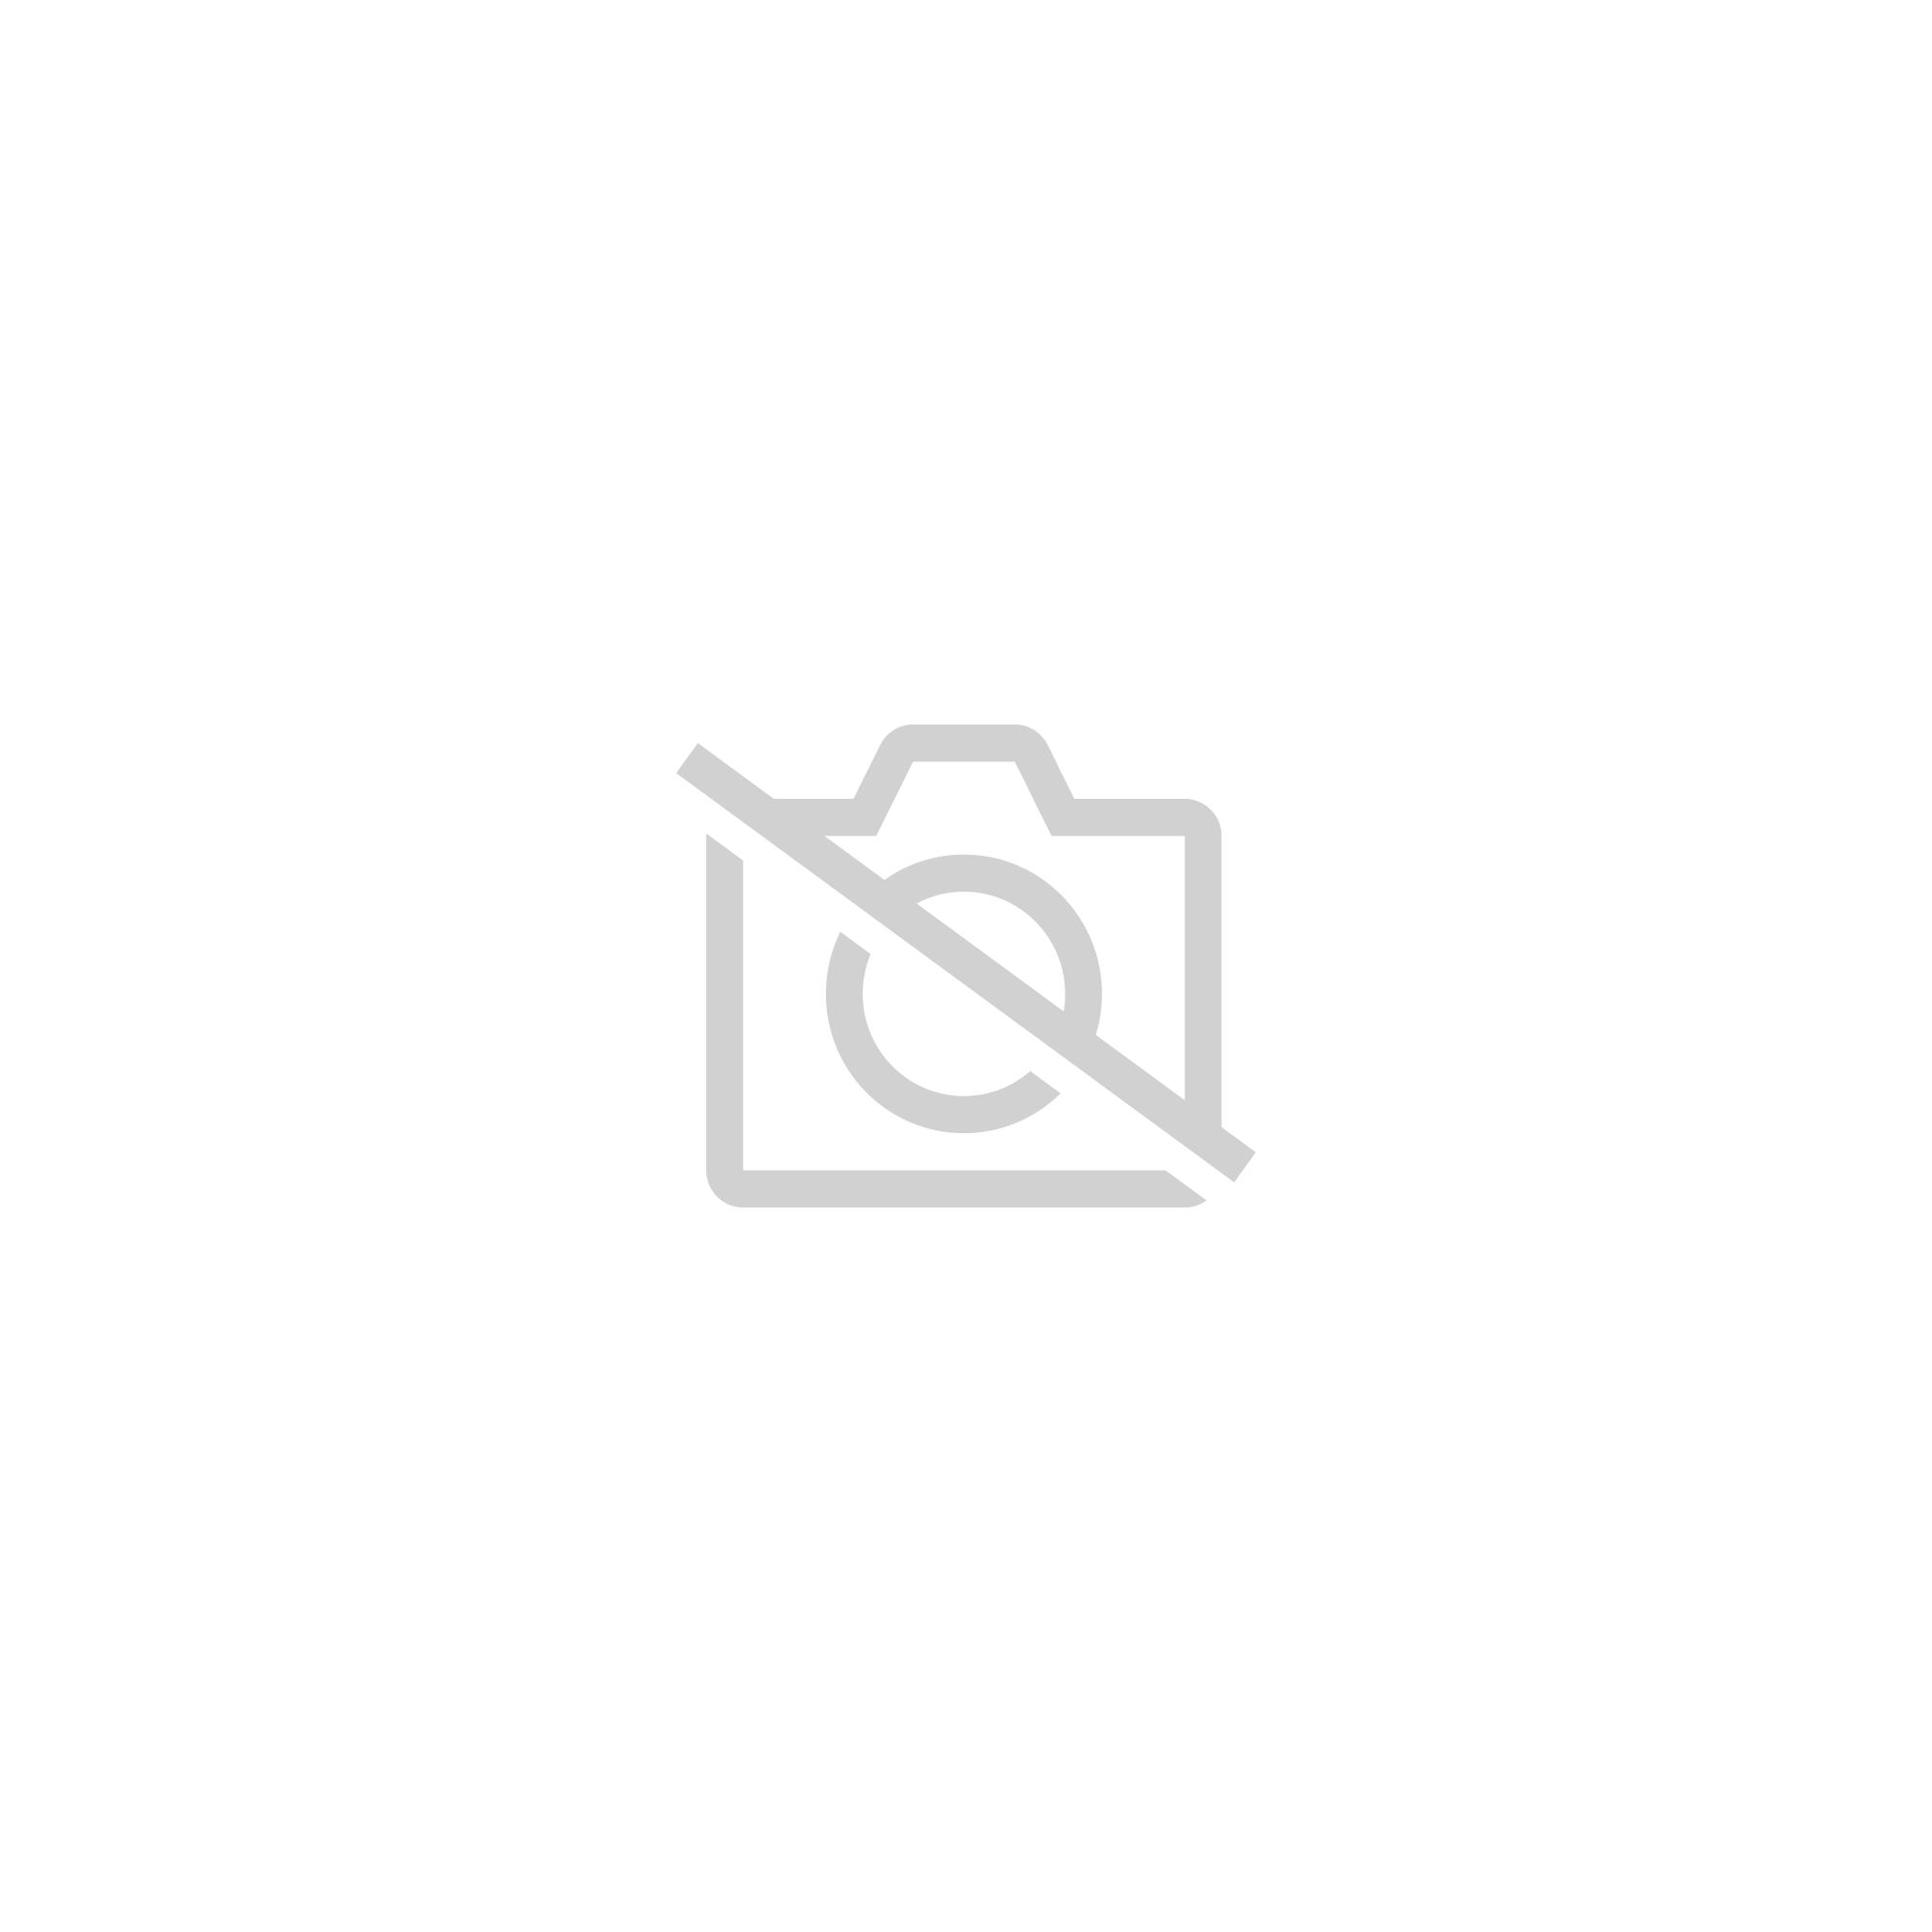 Rosace bois sculpt khm re achat et vente priceminister rakuten - Rosace en bois sculpte ...